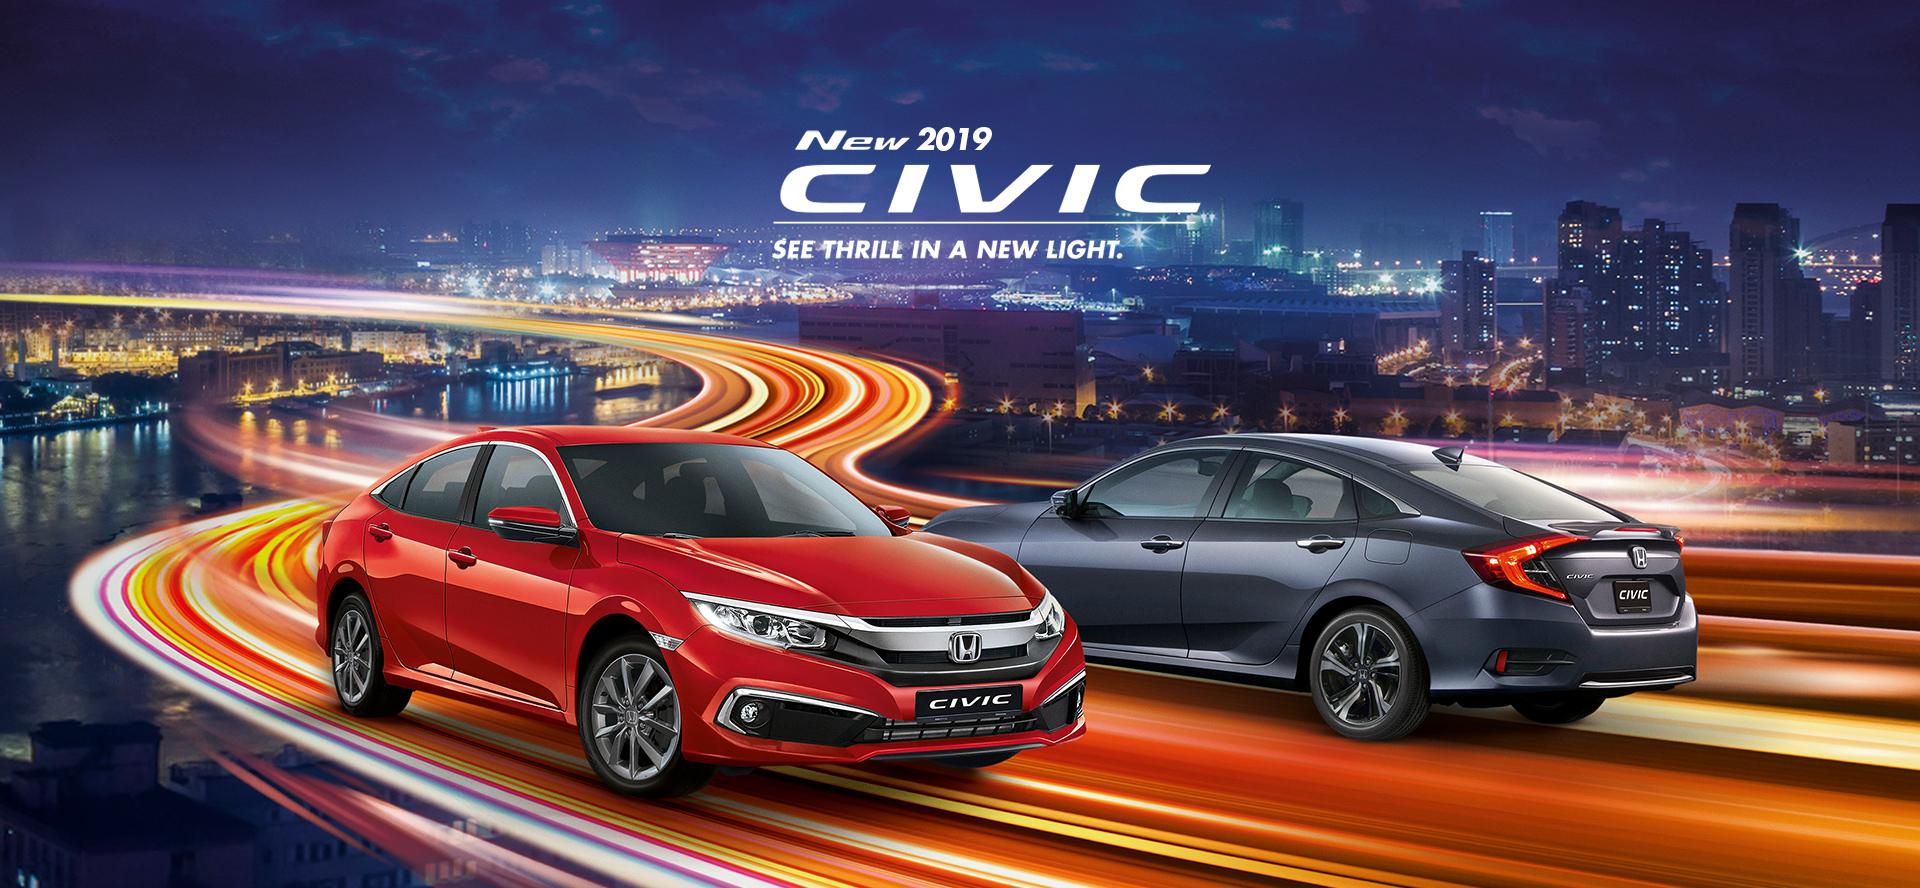 Civic Honda Civic